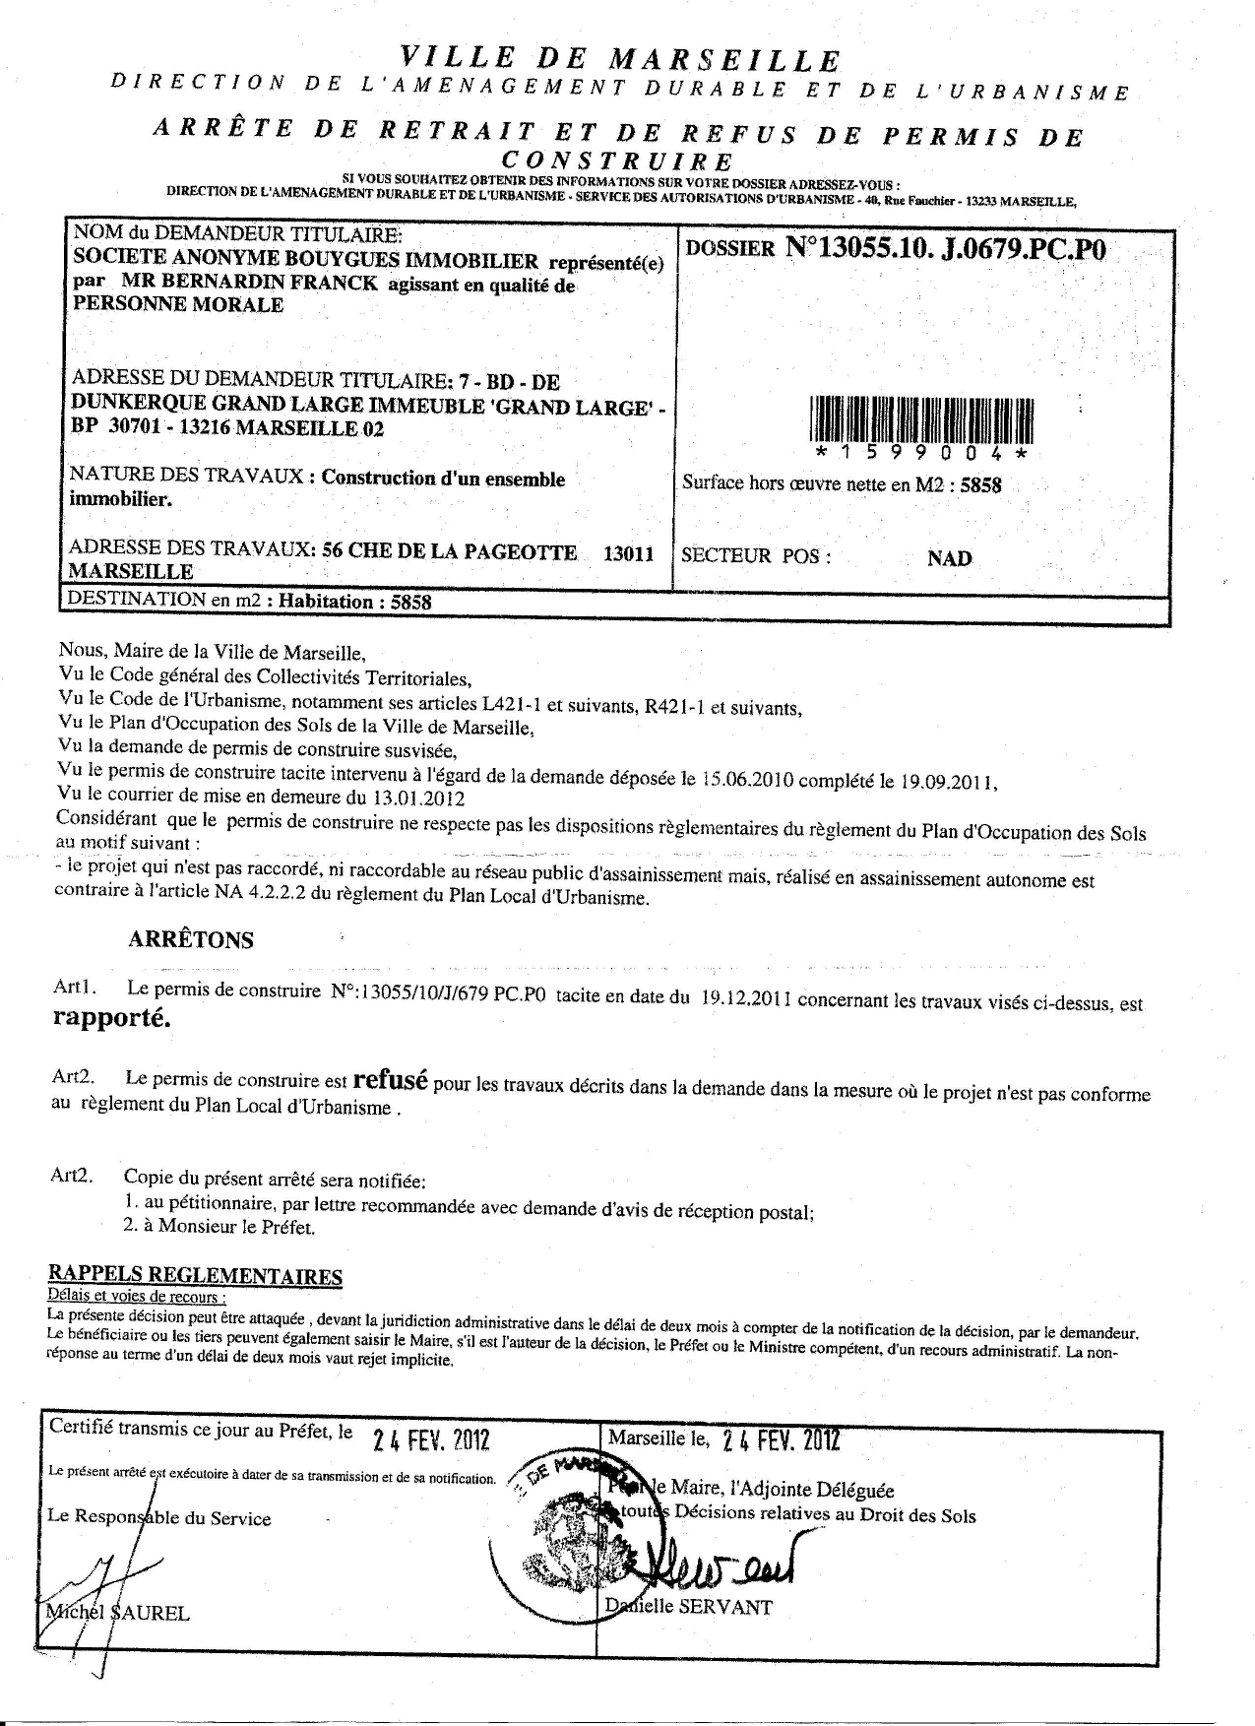 Ppt recours refus permis de lettre de recours gracieux for Recours administratif permis de construire